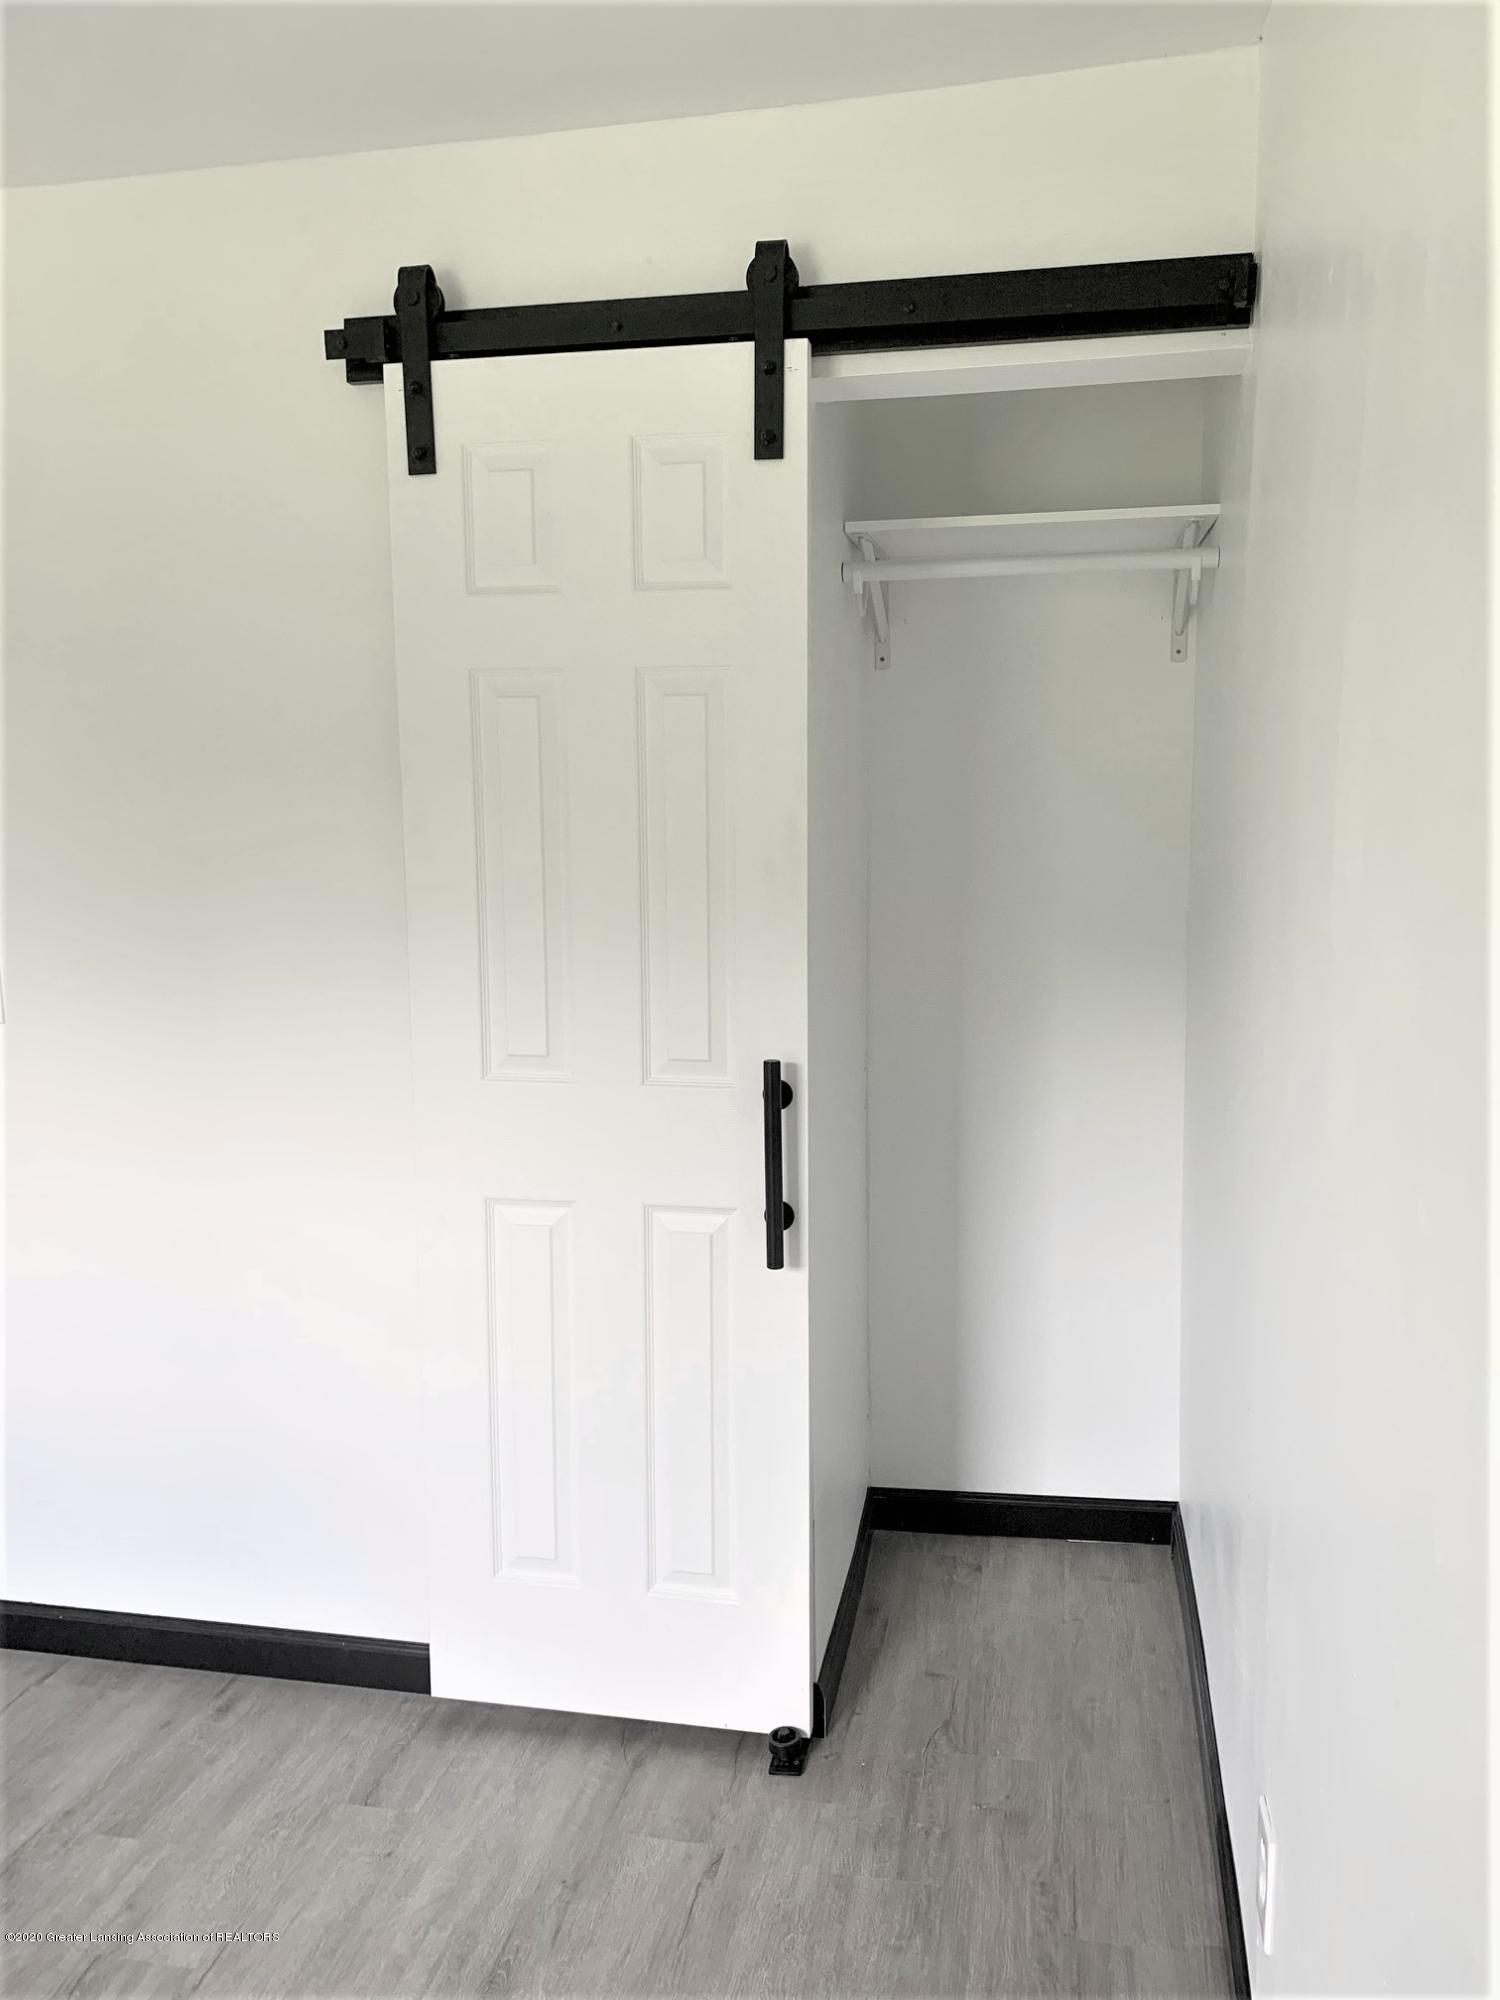 4458 M-52 - Bedroom 3 closet - 24